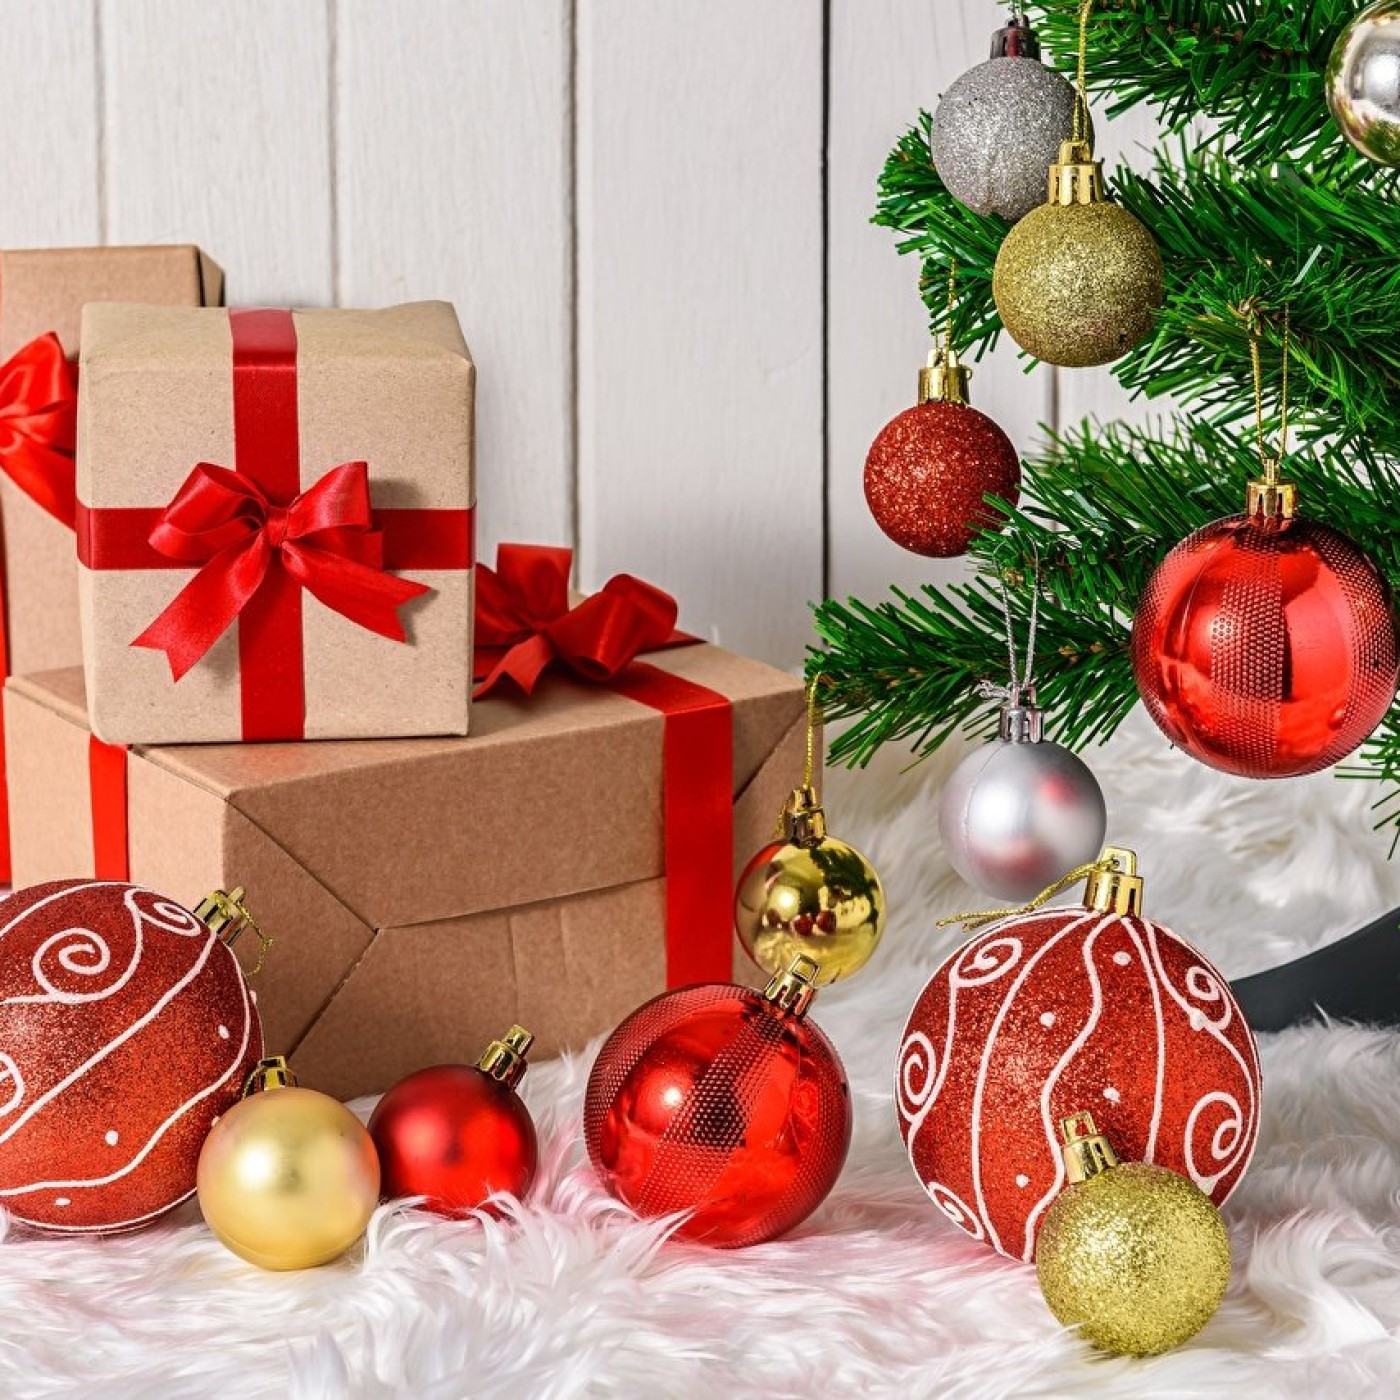 Quelques idées de cadeaux de Noël, simples & pas chers.